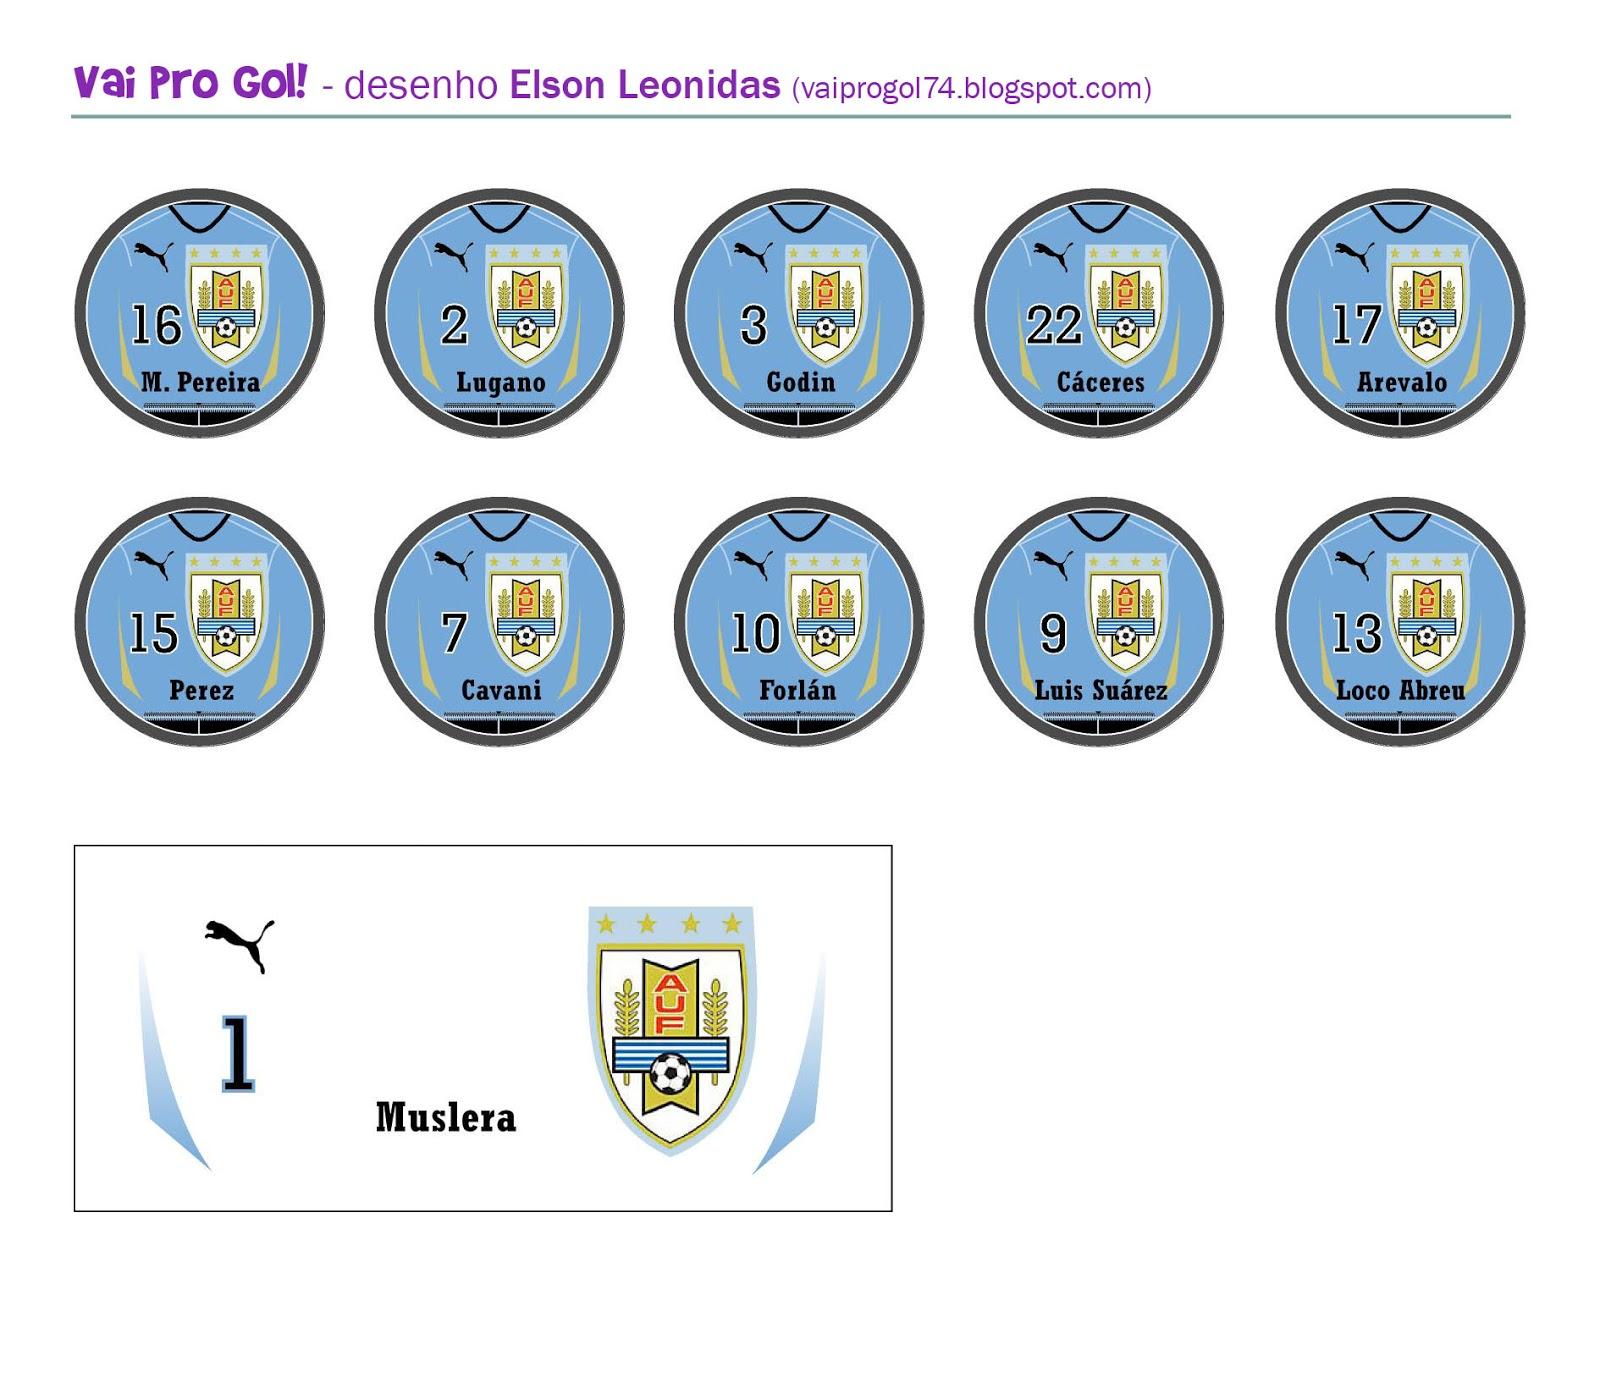 a7dccc9d9283e Vai pro gol!  2013